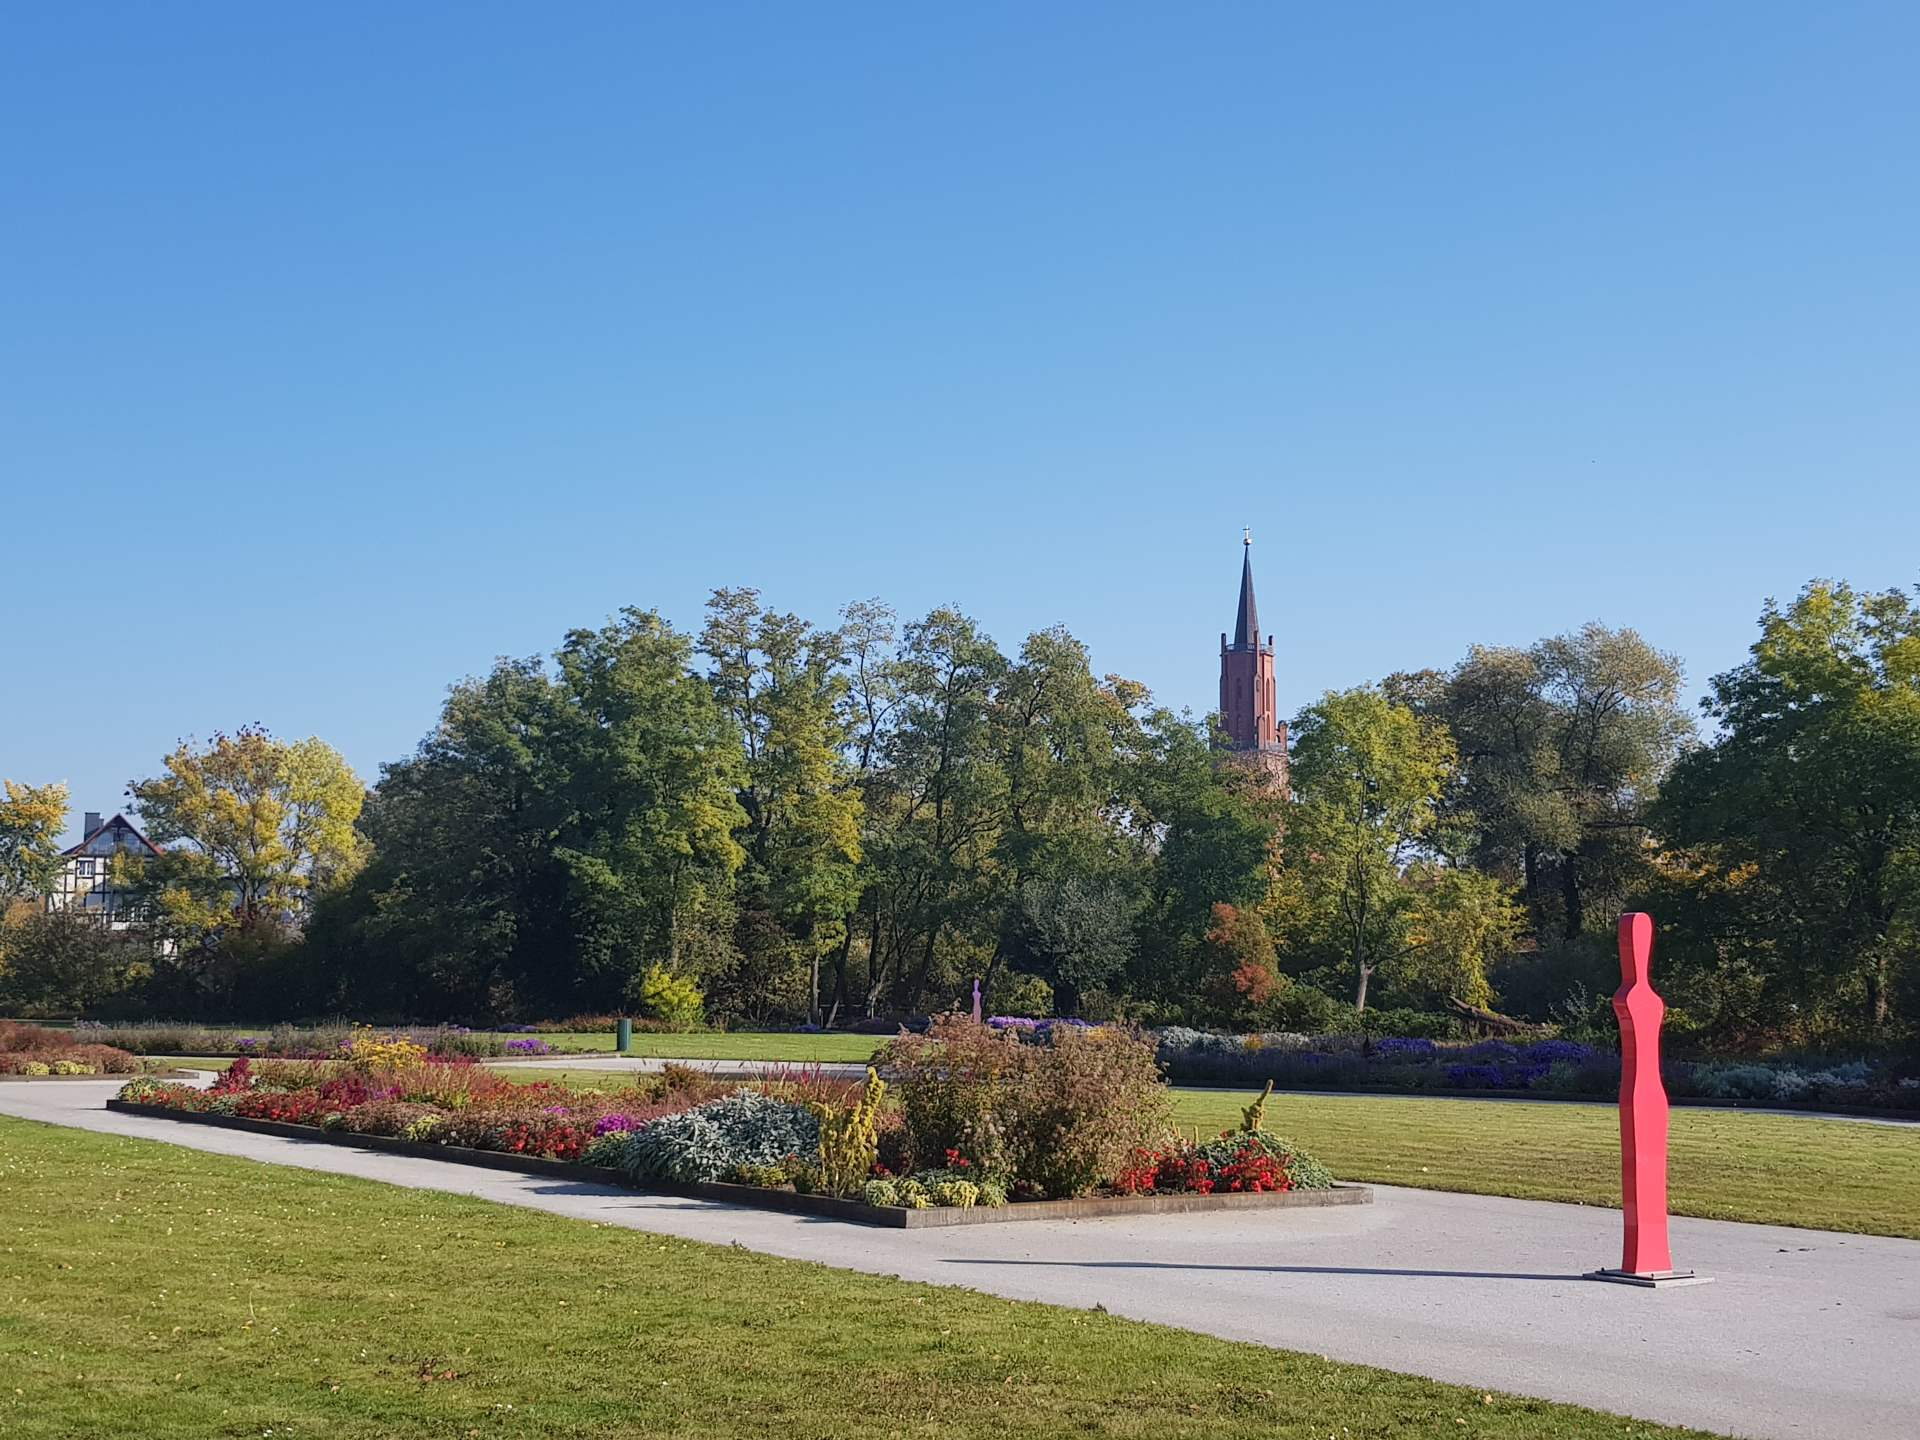 Optikpark in Rathenow, Garten- und Landschafts-Ausstellung, Standort von LAGA und BUGA, Erlebniswelten zur optischen Industrie, Kinder-Spielplätze, Floßfahrt auf einem Seitenarm der Havel